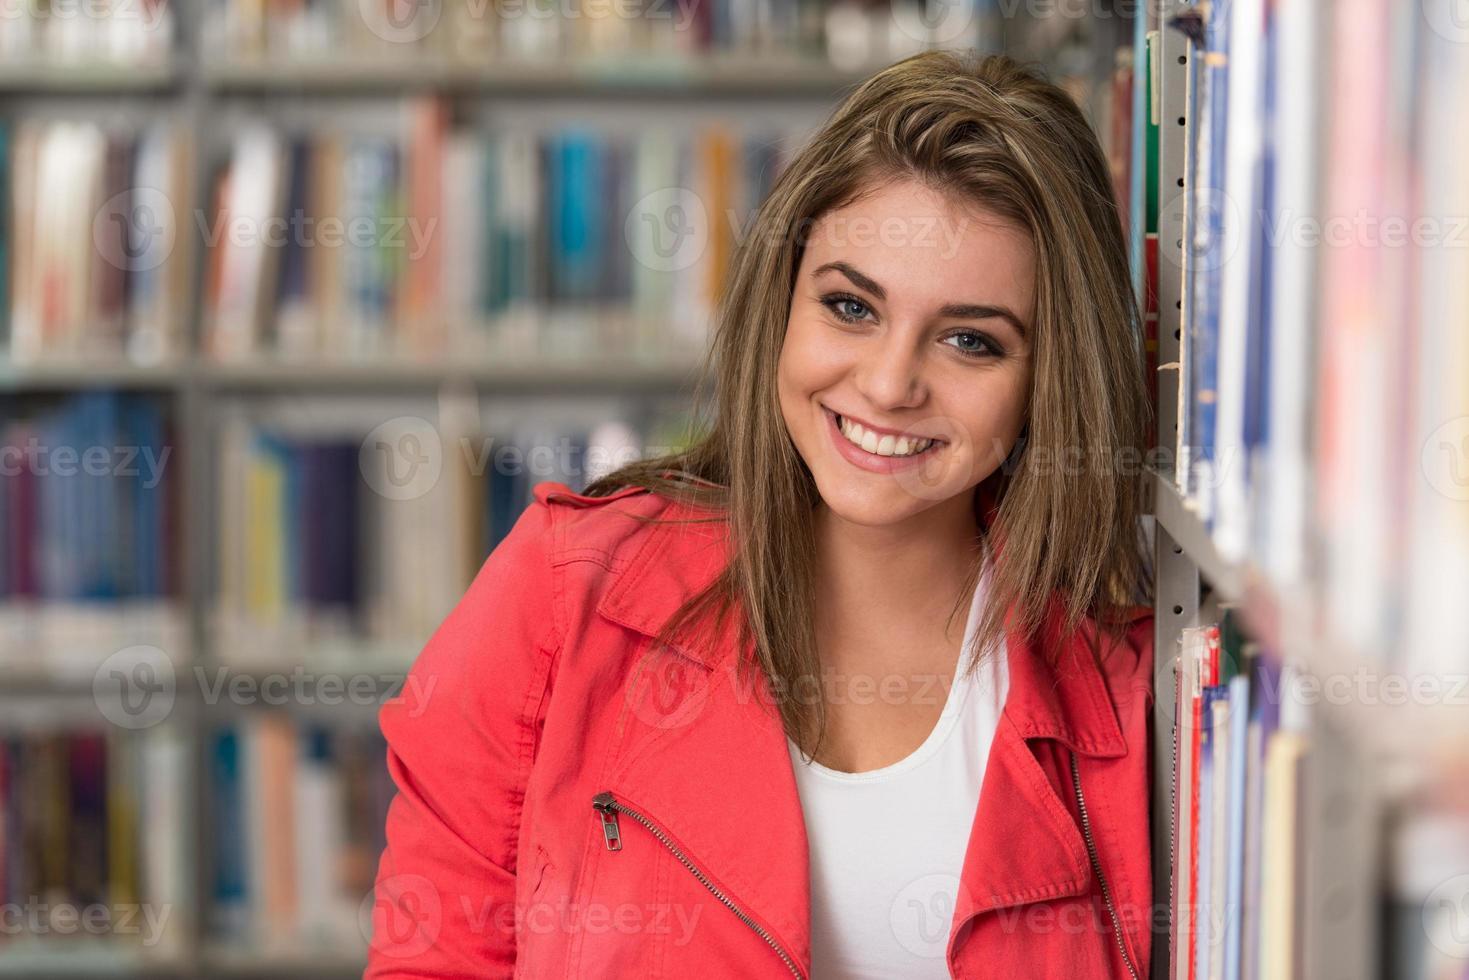 Porträt des glücklichen lächelnden jungen brünetten Studentenmädchens foto